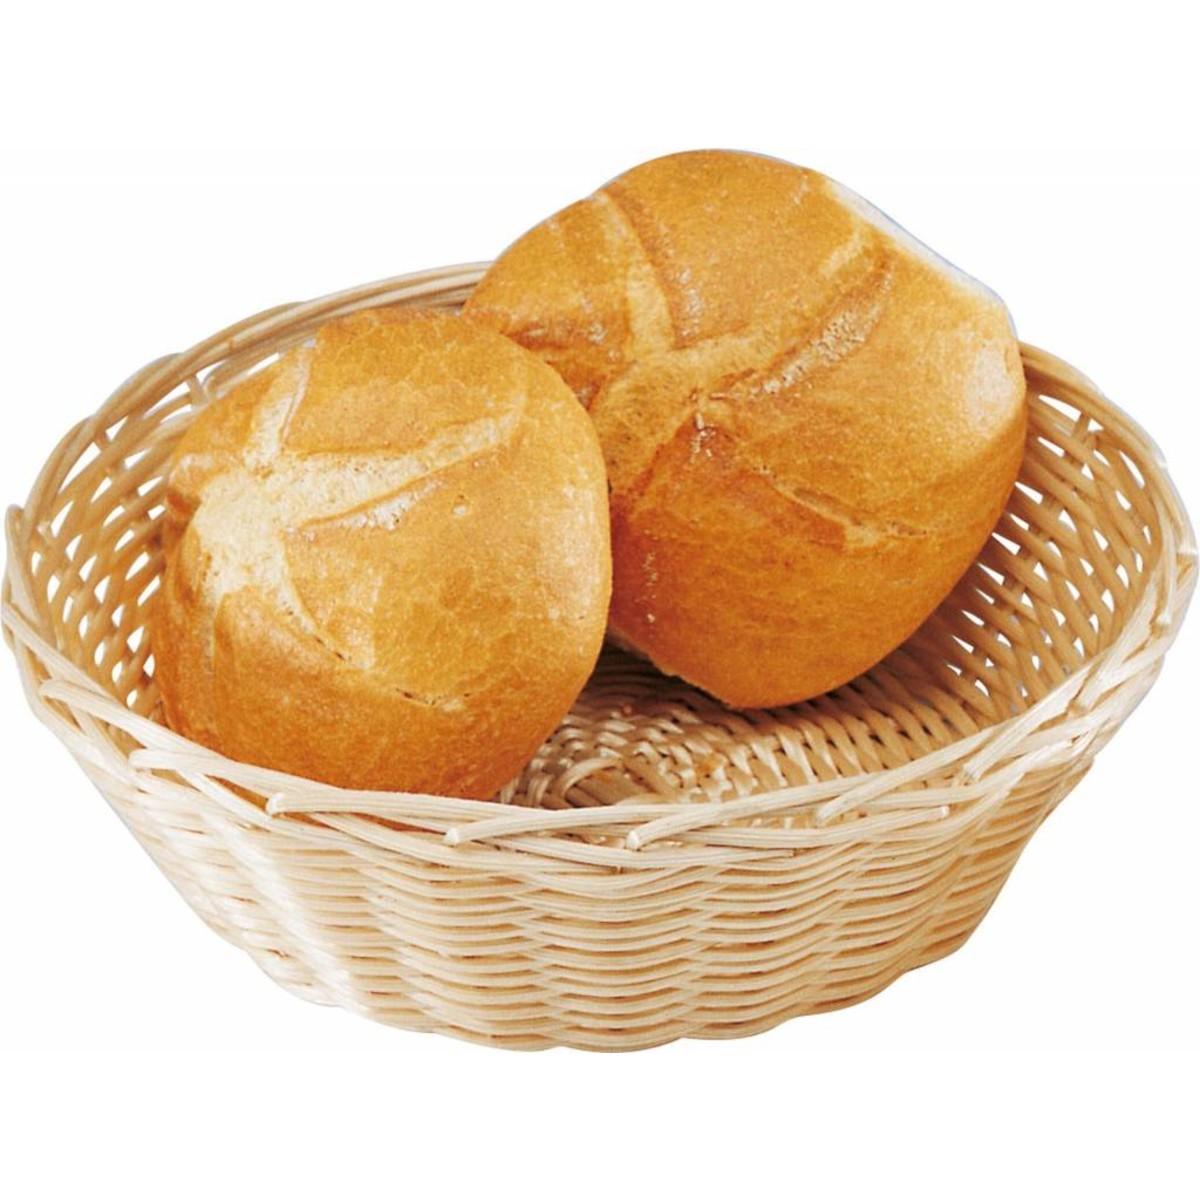 Brot-/Servierkorb rund